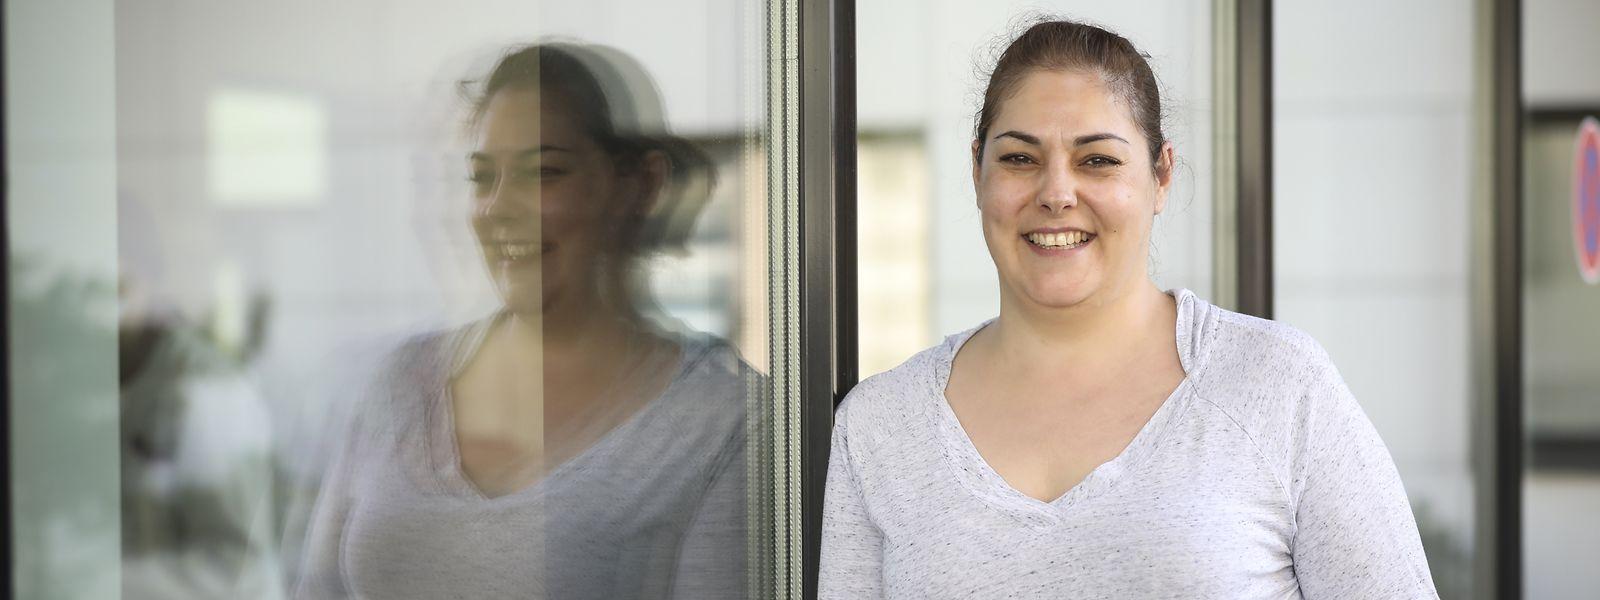 Ein Lächeln, das Zufriedenheit widerspiegelt: Nach einer anstrengenden Frühschicht im Centre hospitalier Emile Mayrisch (CHEM) hat Reinigungskraft Vera Fernandes endlich Feierabend und kann zu ihrer Familie nach Hause zurückkehren.